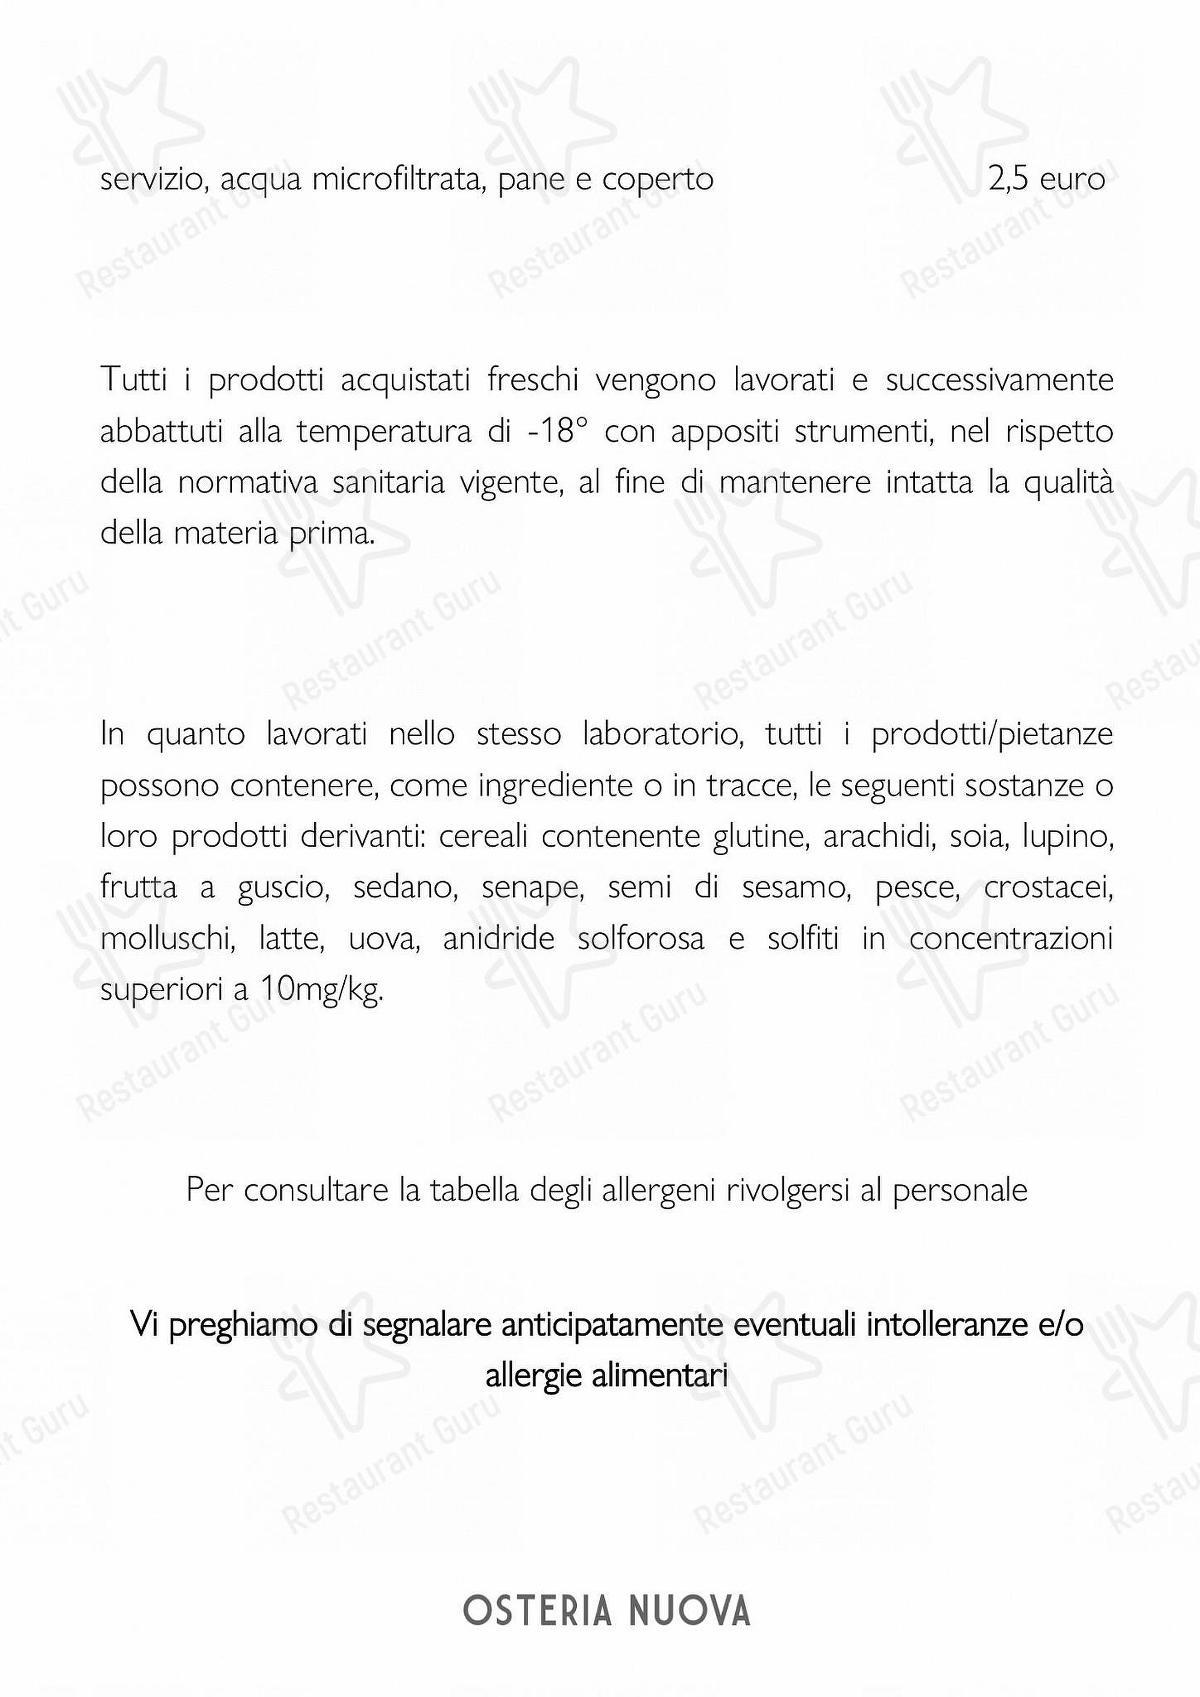 Guarda il menu di Casaslurp Osteria Nuova